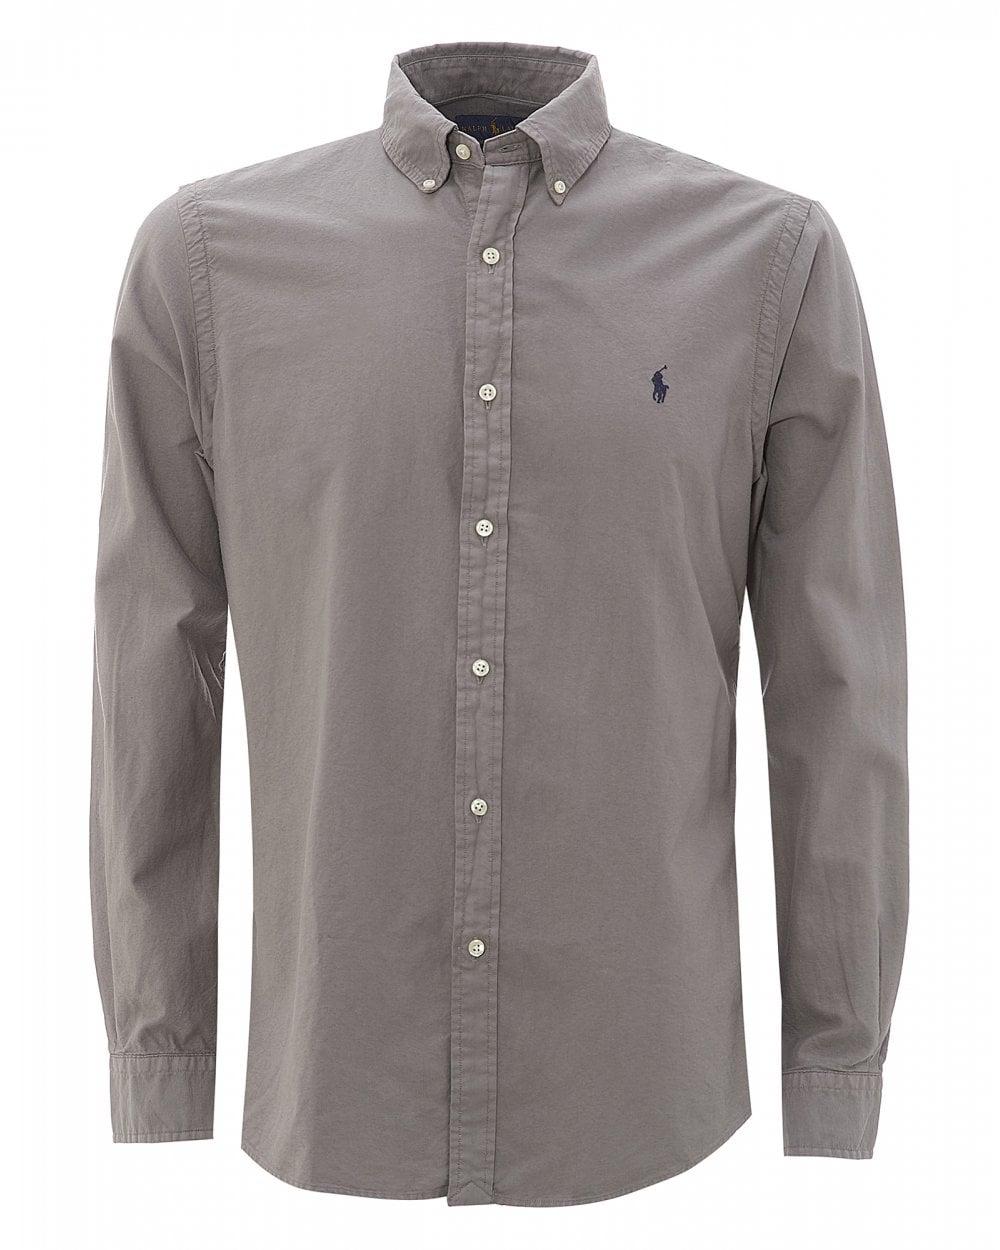 0c7e94e6 Mens Grey Slim Fit Button-Down Shirt